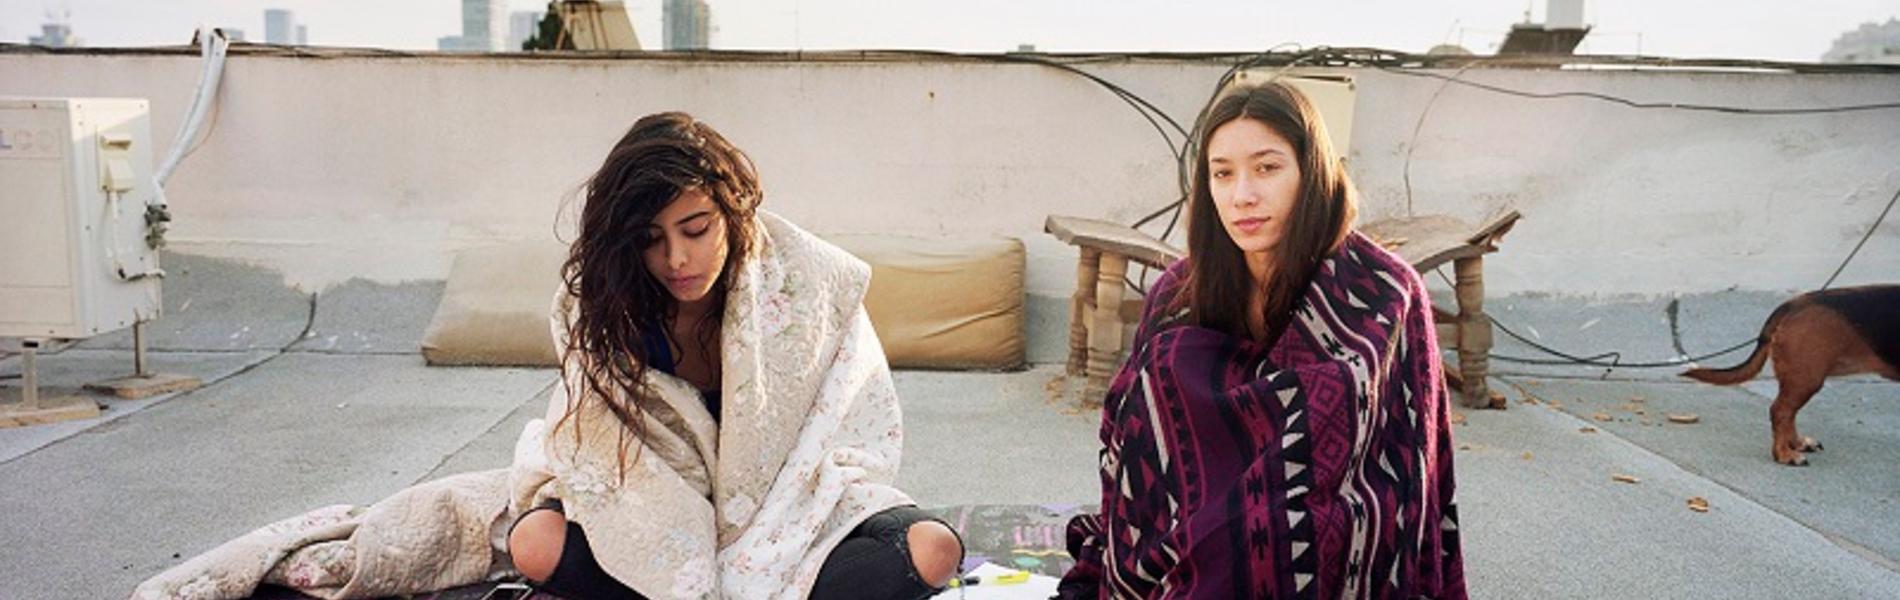 """'מקום משלנו': מסע אל תוך חייהן של ארבע צעירות ערביות ישראליות שחיות בת""""א"""